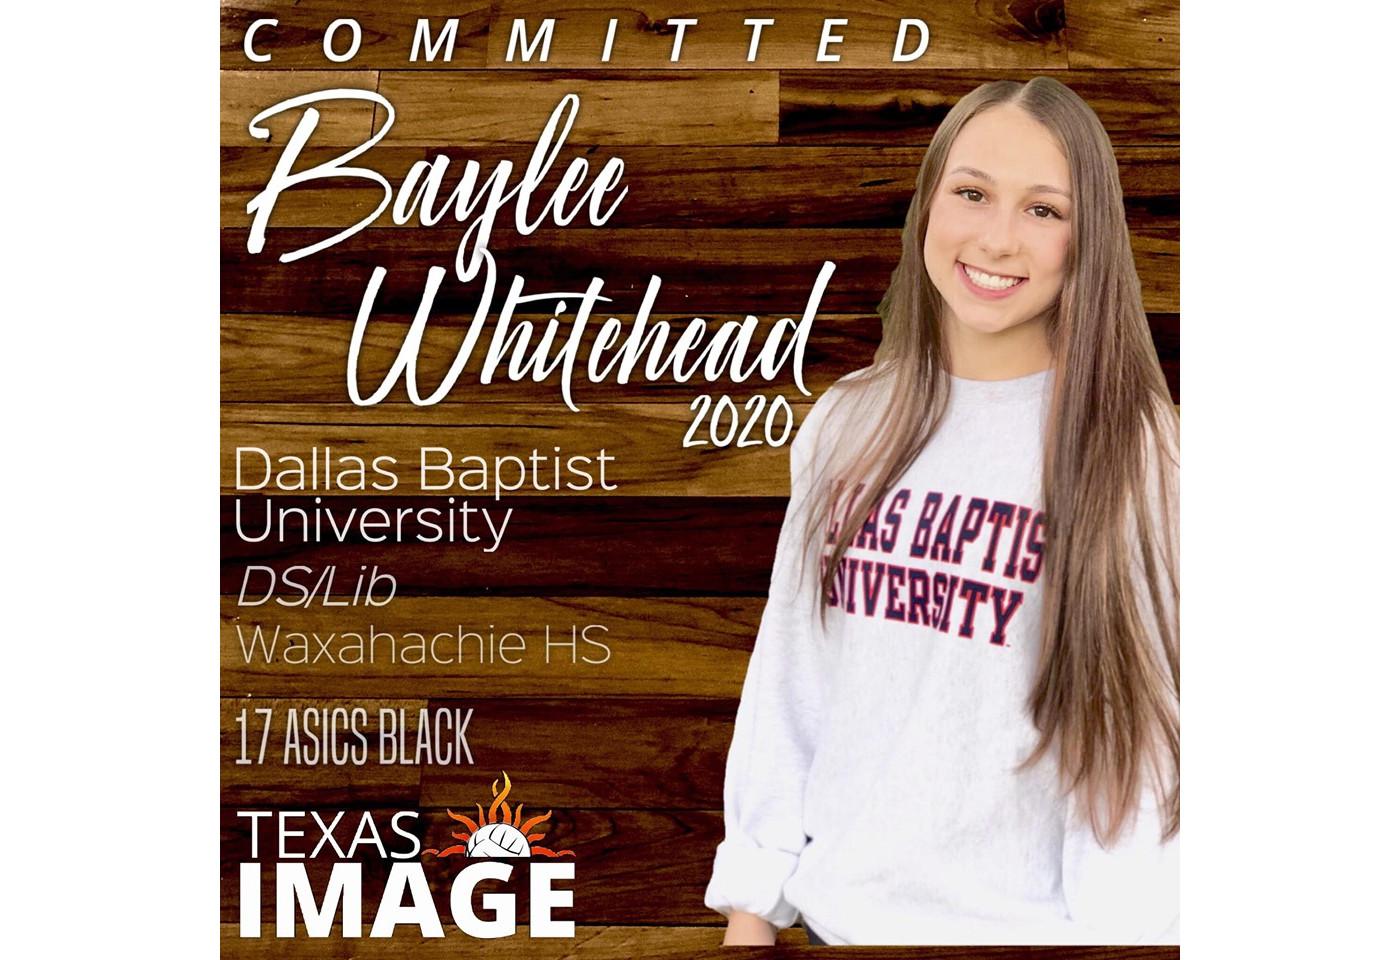 Baylee Whitehead - DBU